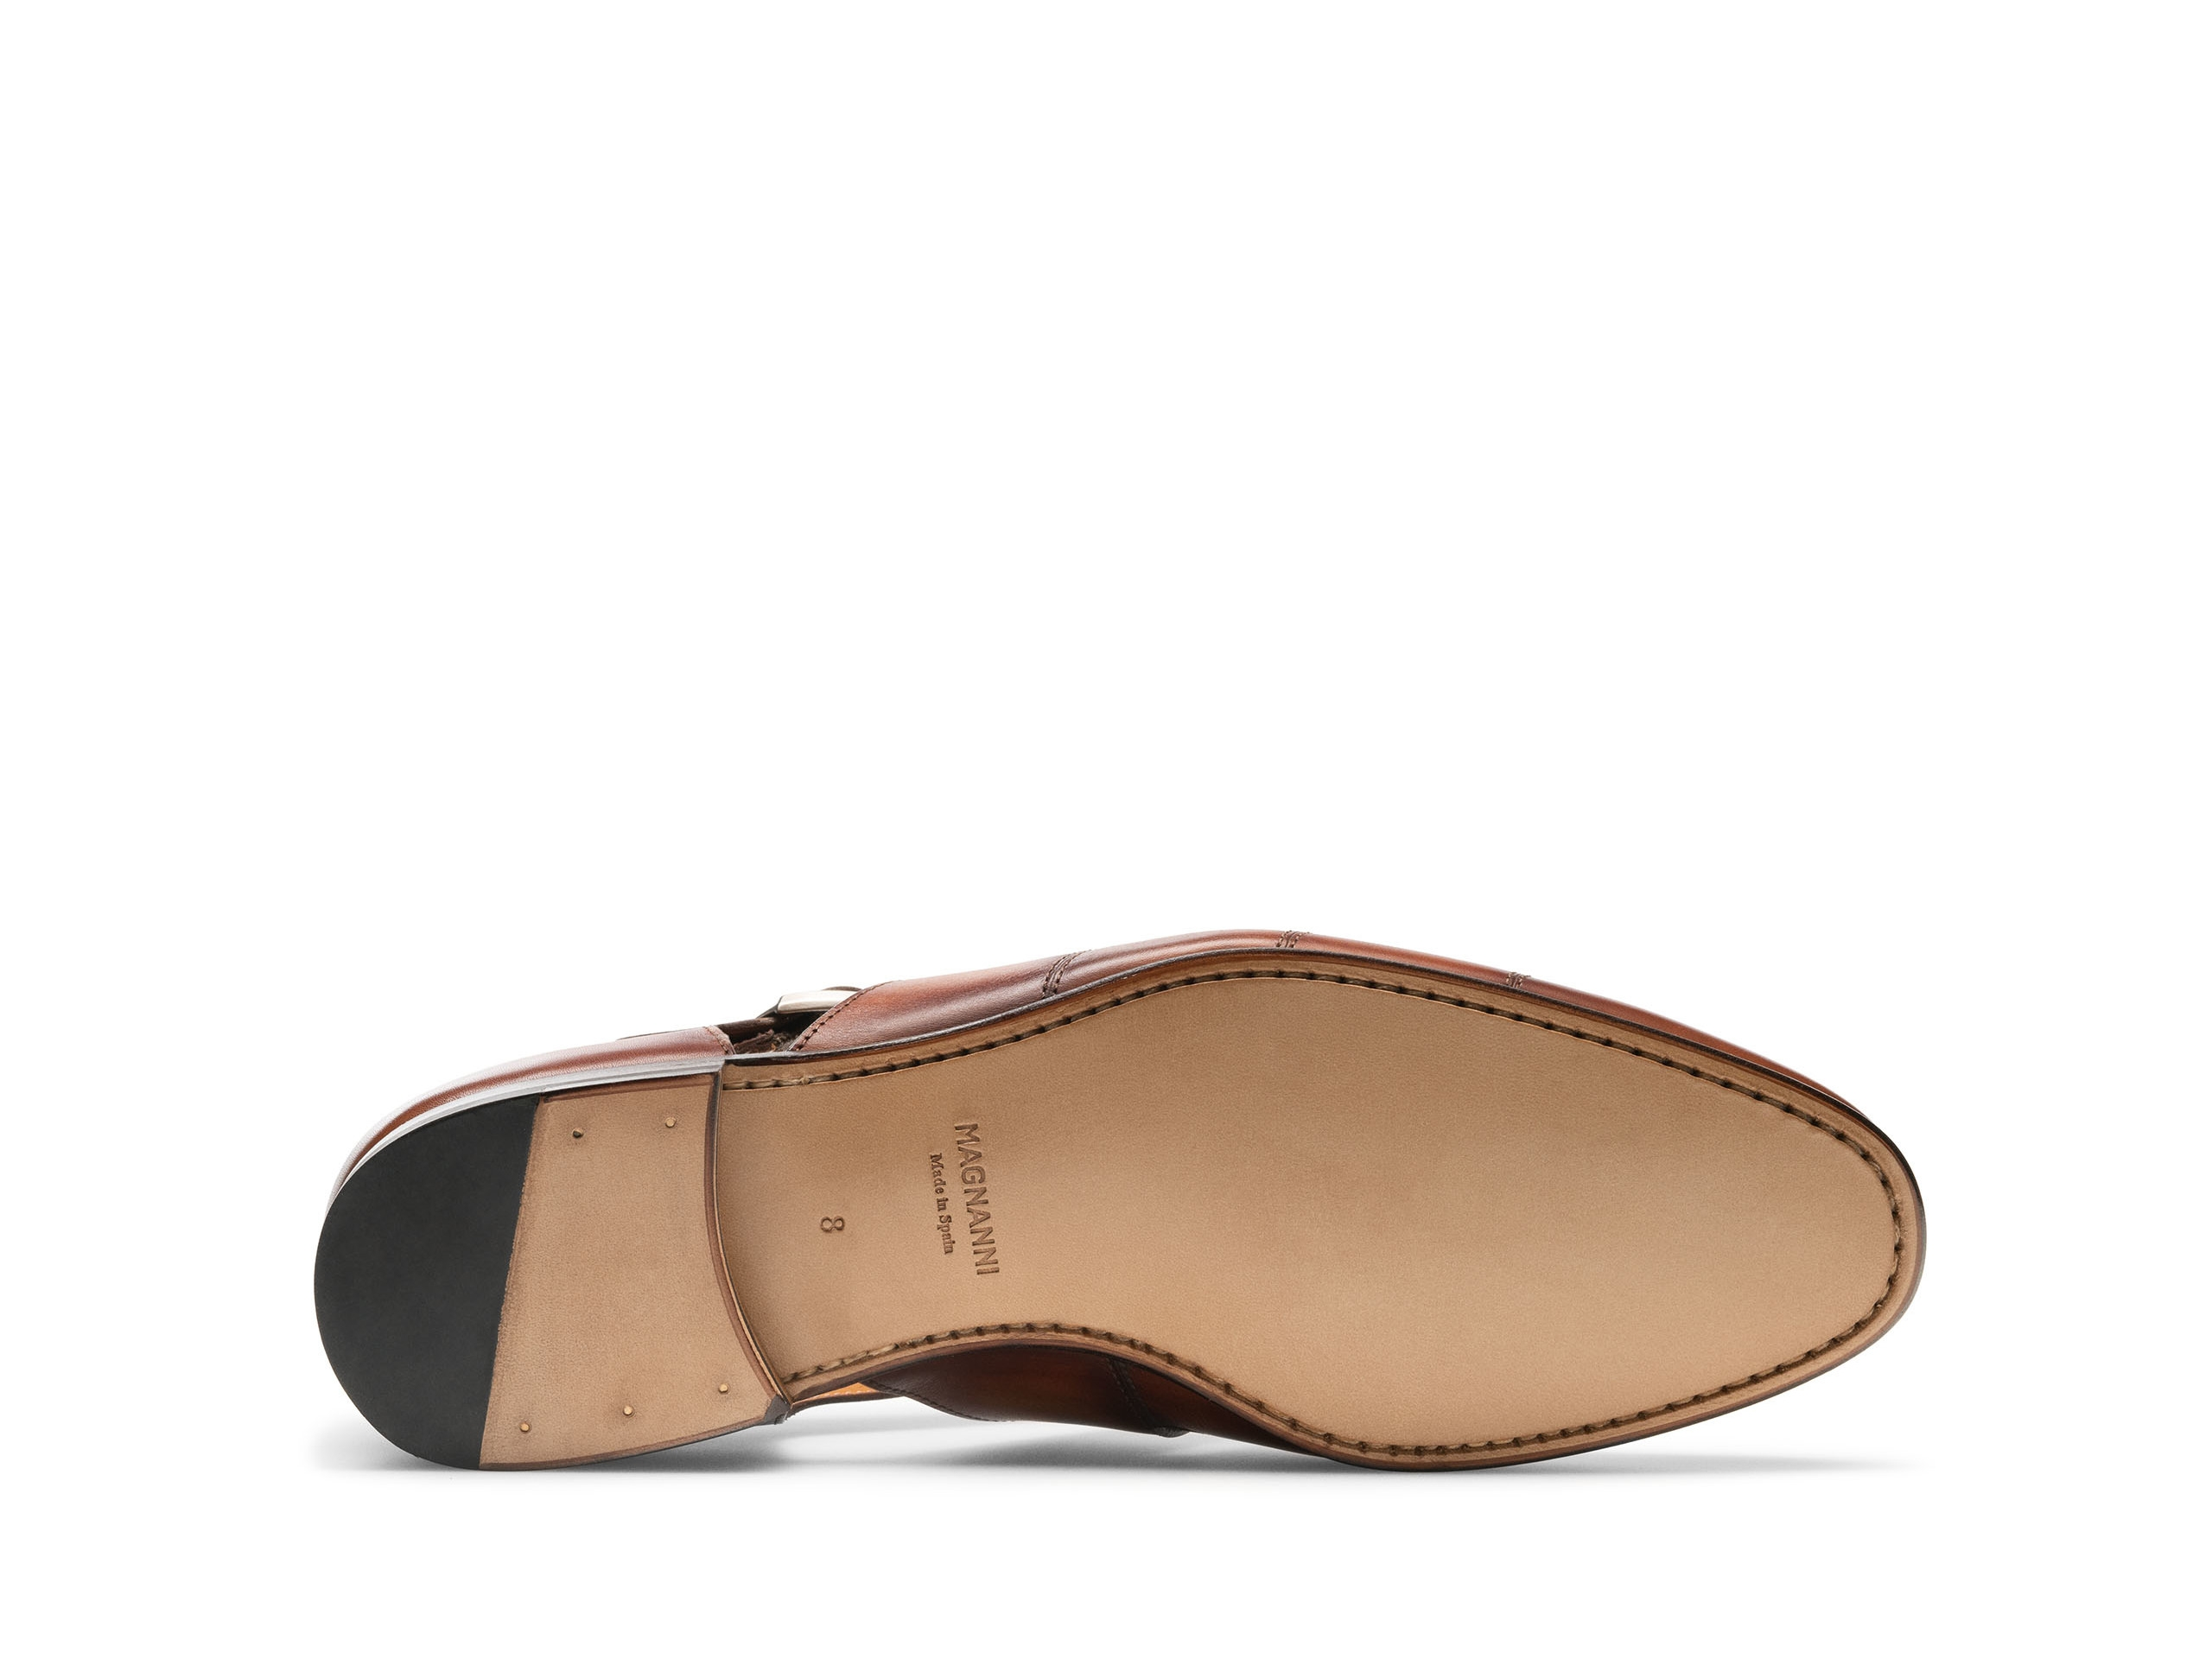 The sole of the Cabrera